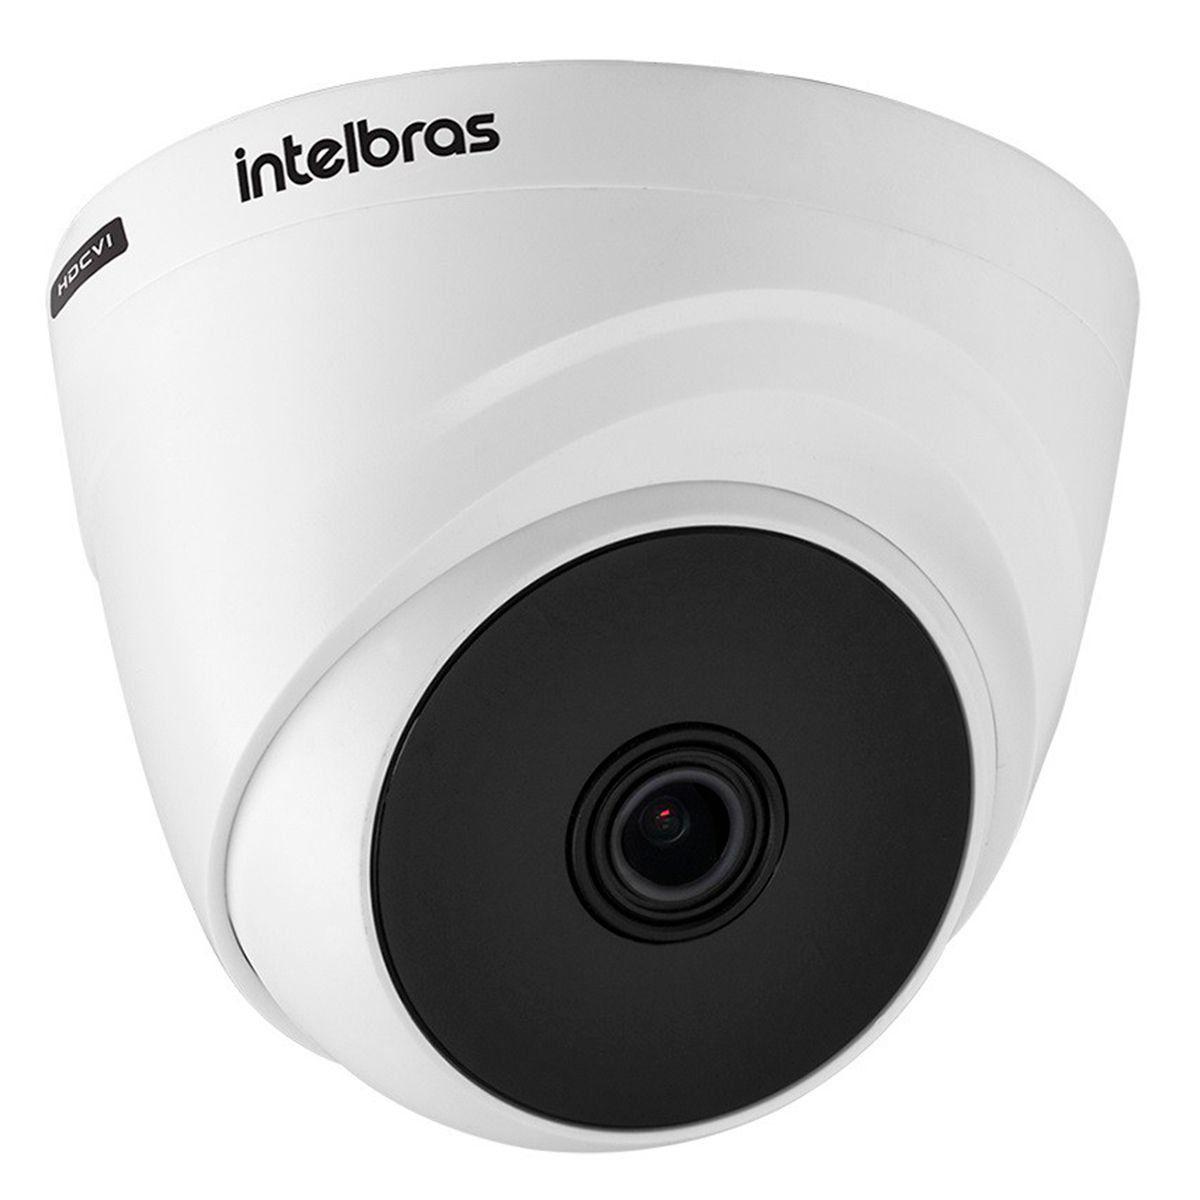 Câmera HD 720p VHD 1120 D G5 Intelbras 20m de Infravermelho Dome, para ambiente interno  - Tudo Forte